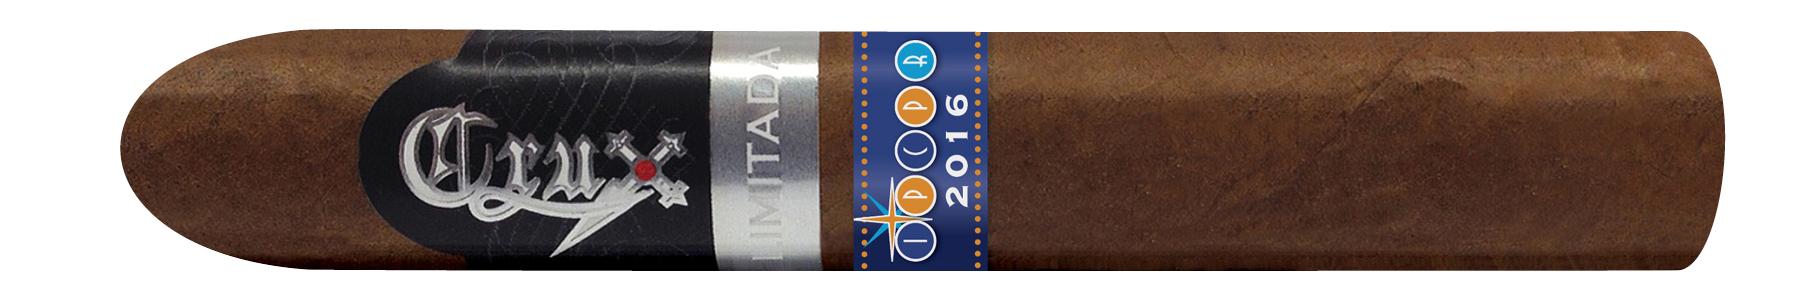 Crux Limitada Show Exclusive_cigar